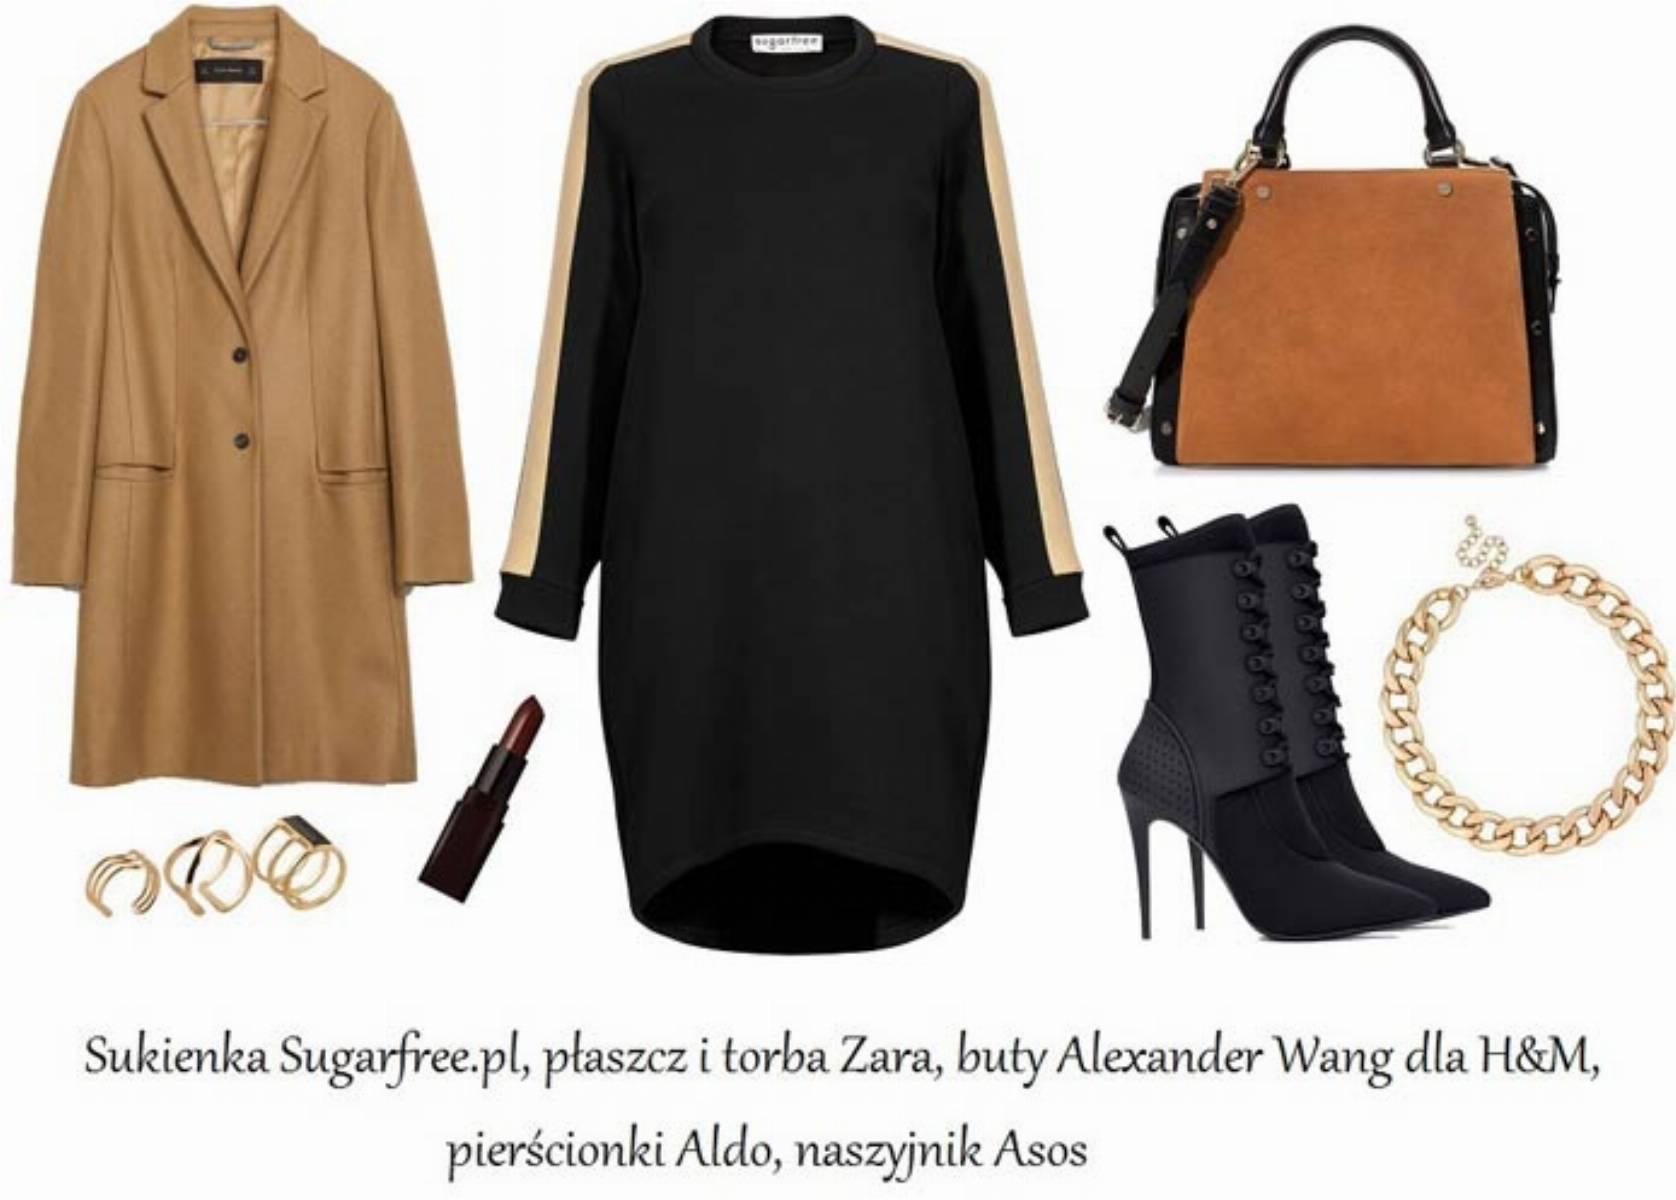 c784ed6571ef9 Modne stylizacje: Sukienki w stylu sportowym, casualowym i ...